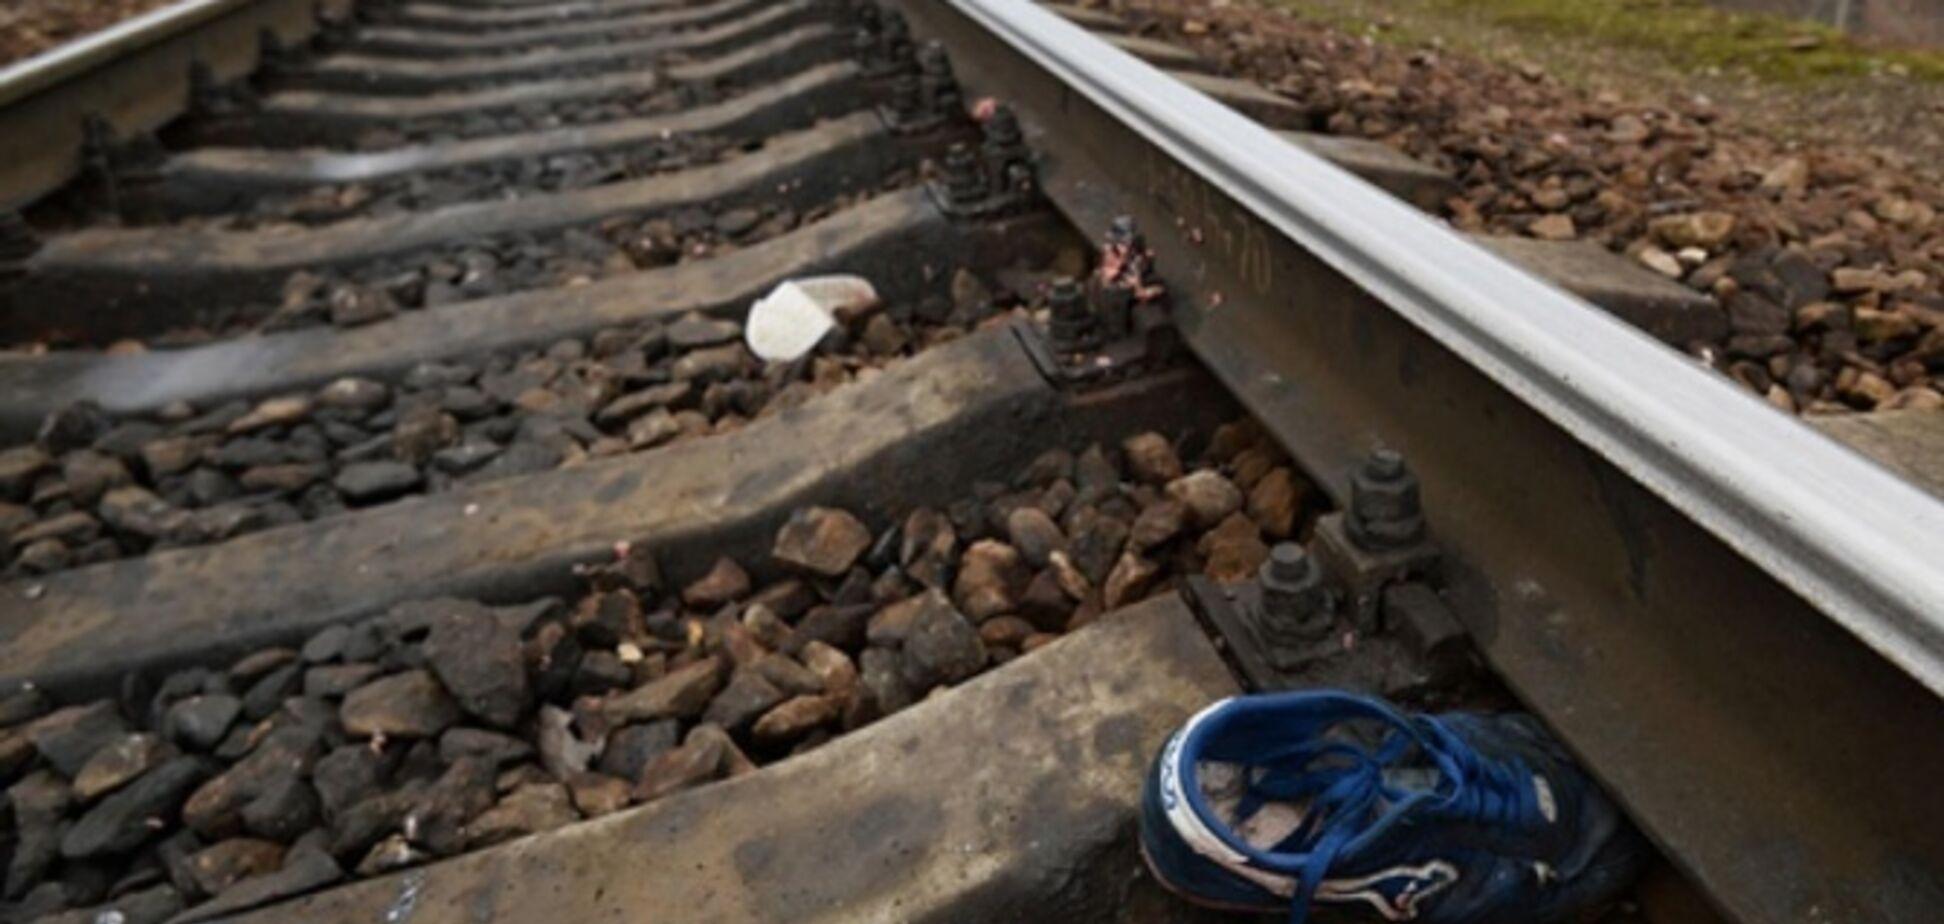 Розрізало навпіл: в Дніпрі чоловіка переїхав швидкісний поїзд